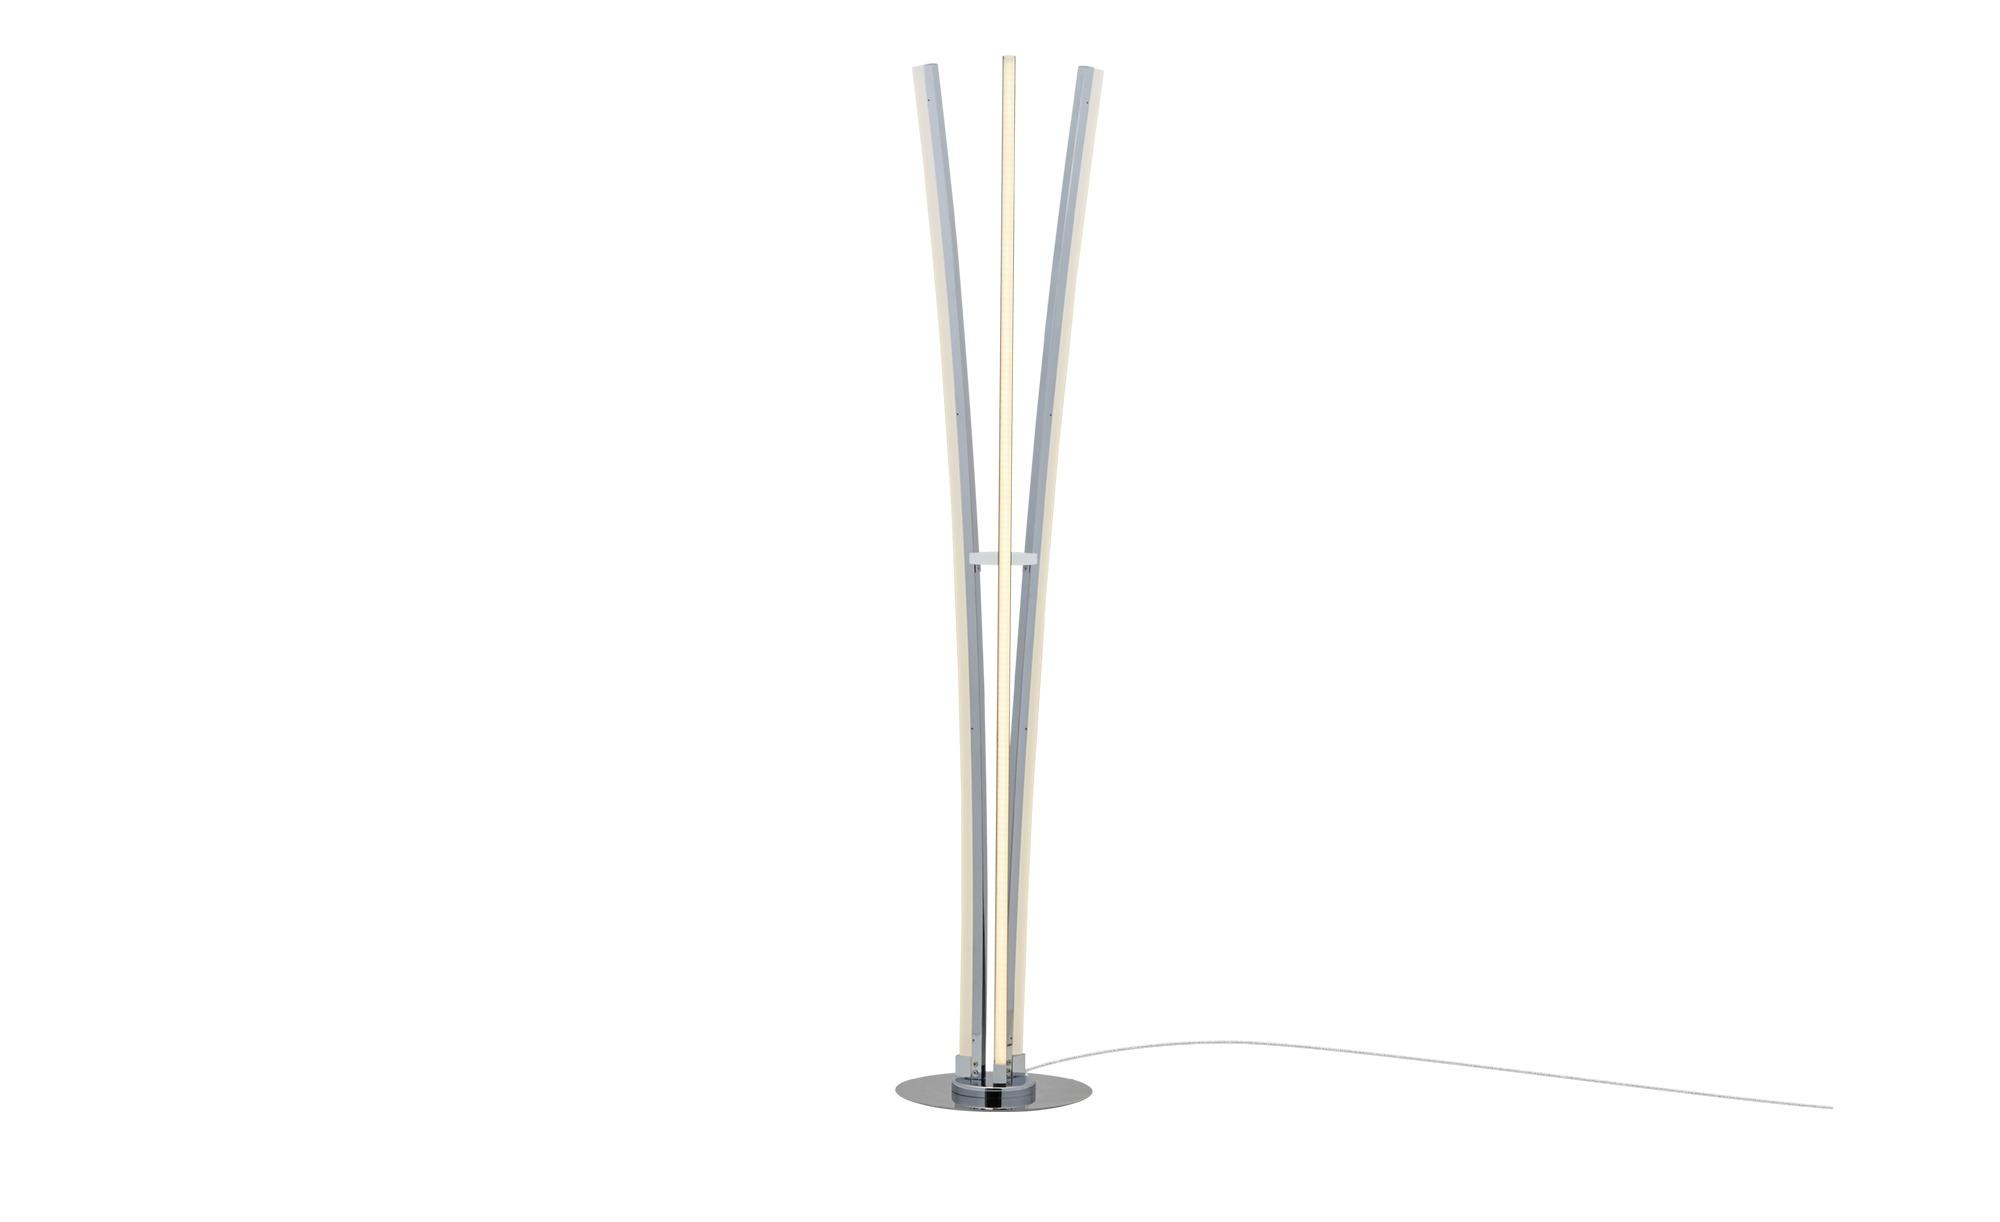 Meisterleuchten LED-Stehleuchte, 3-flammig, chrom ¦ silber ¦ Maße (cm): H: 144 Ø: 30 Lampen & Leuchten > Innenleuchten > Stehlampen - Höffner